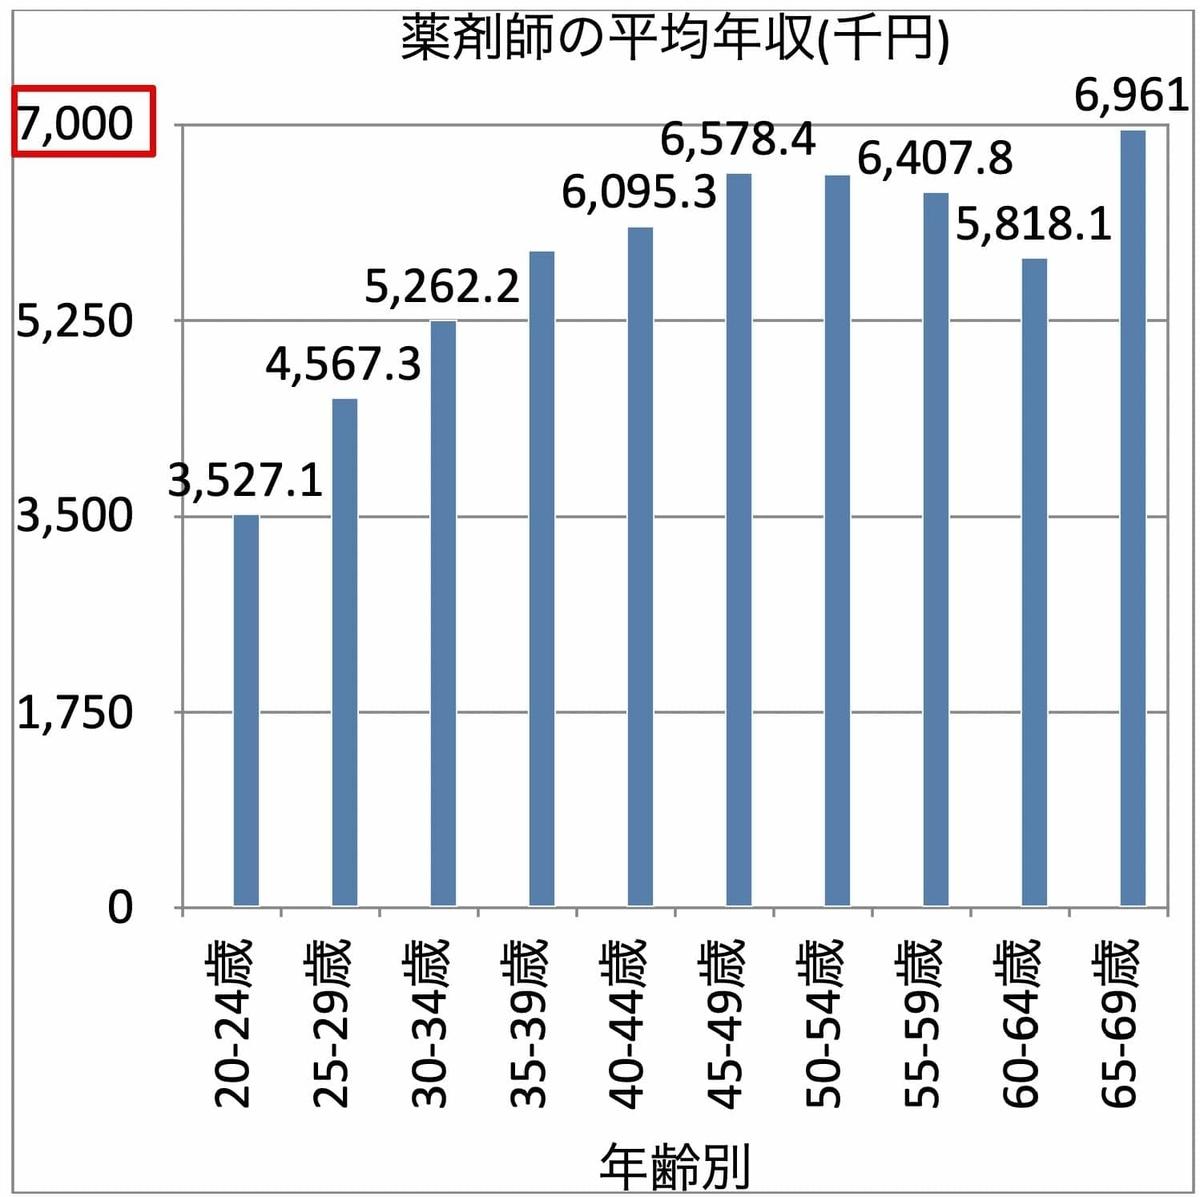 令和2年度薬剤師の平均年収(年齢別)